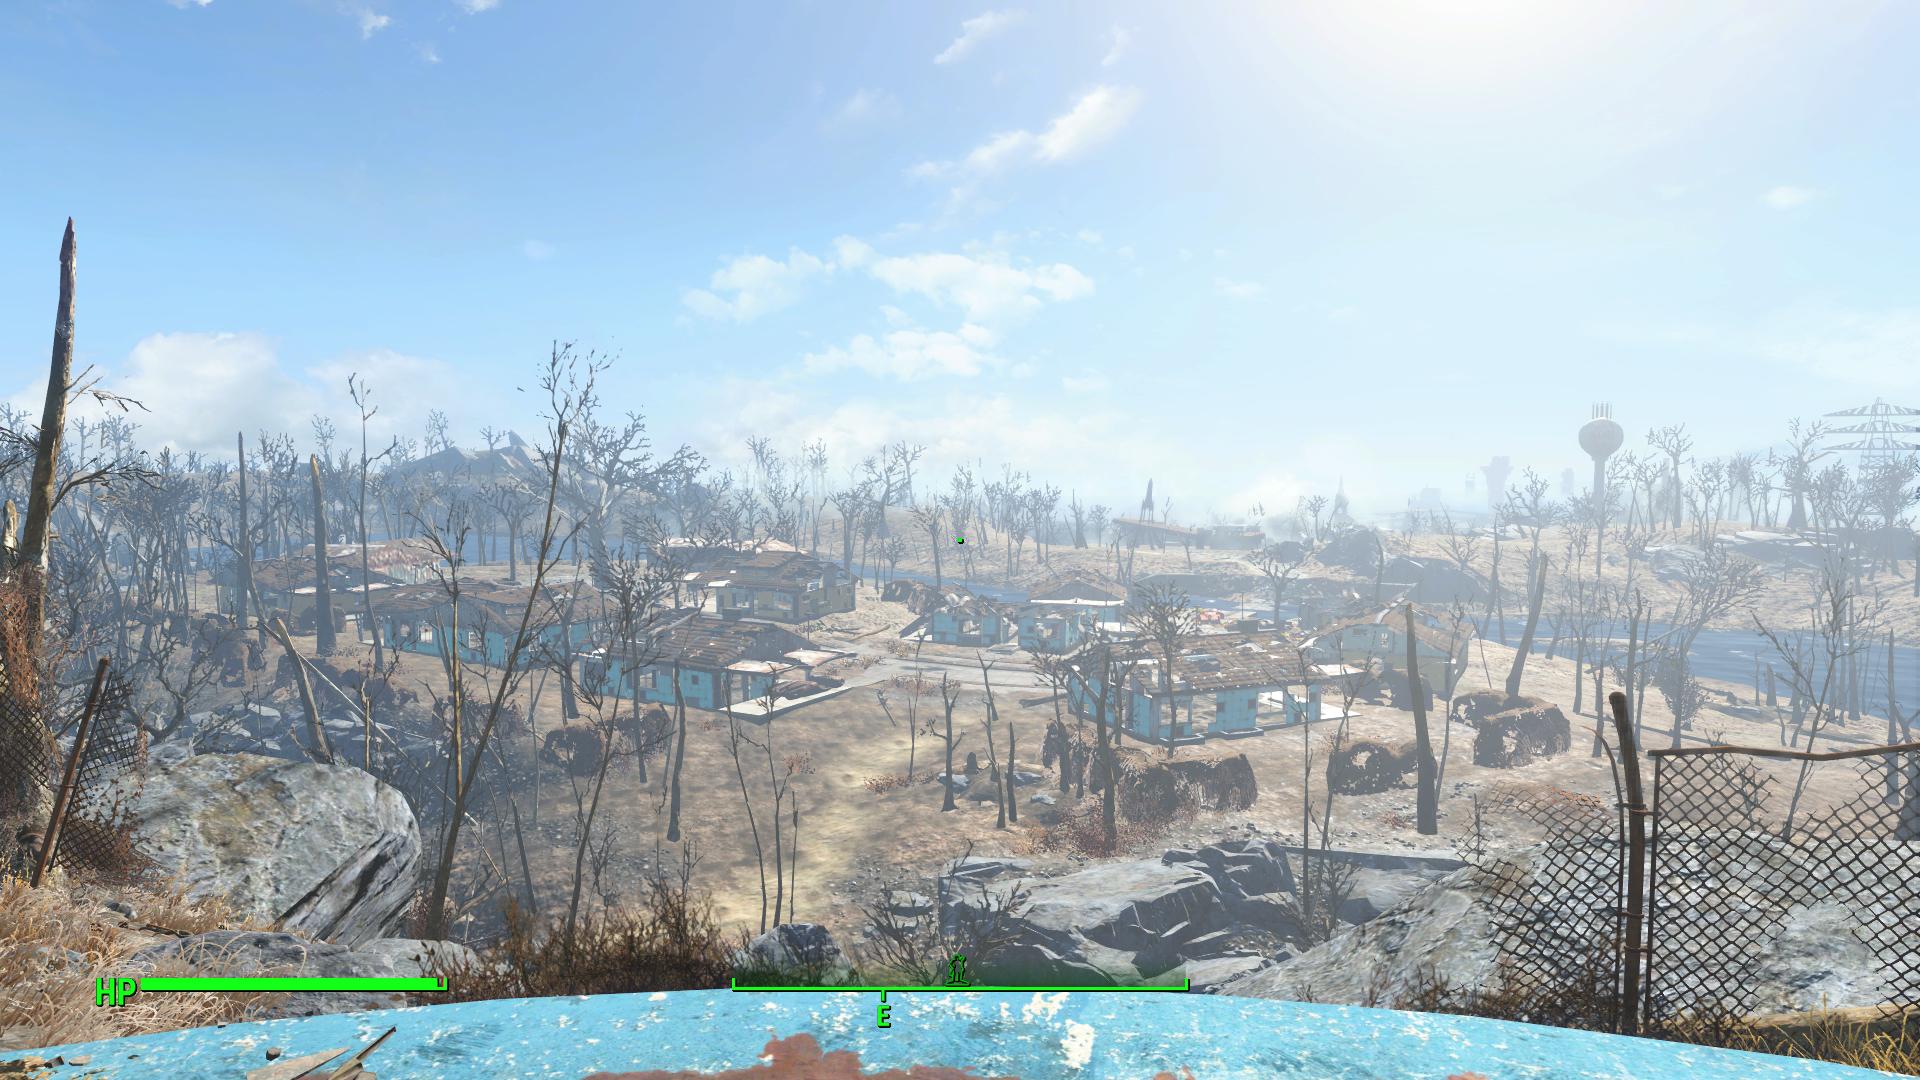 Fallout 4 Review - GameSpot